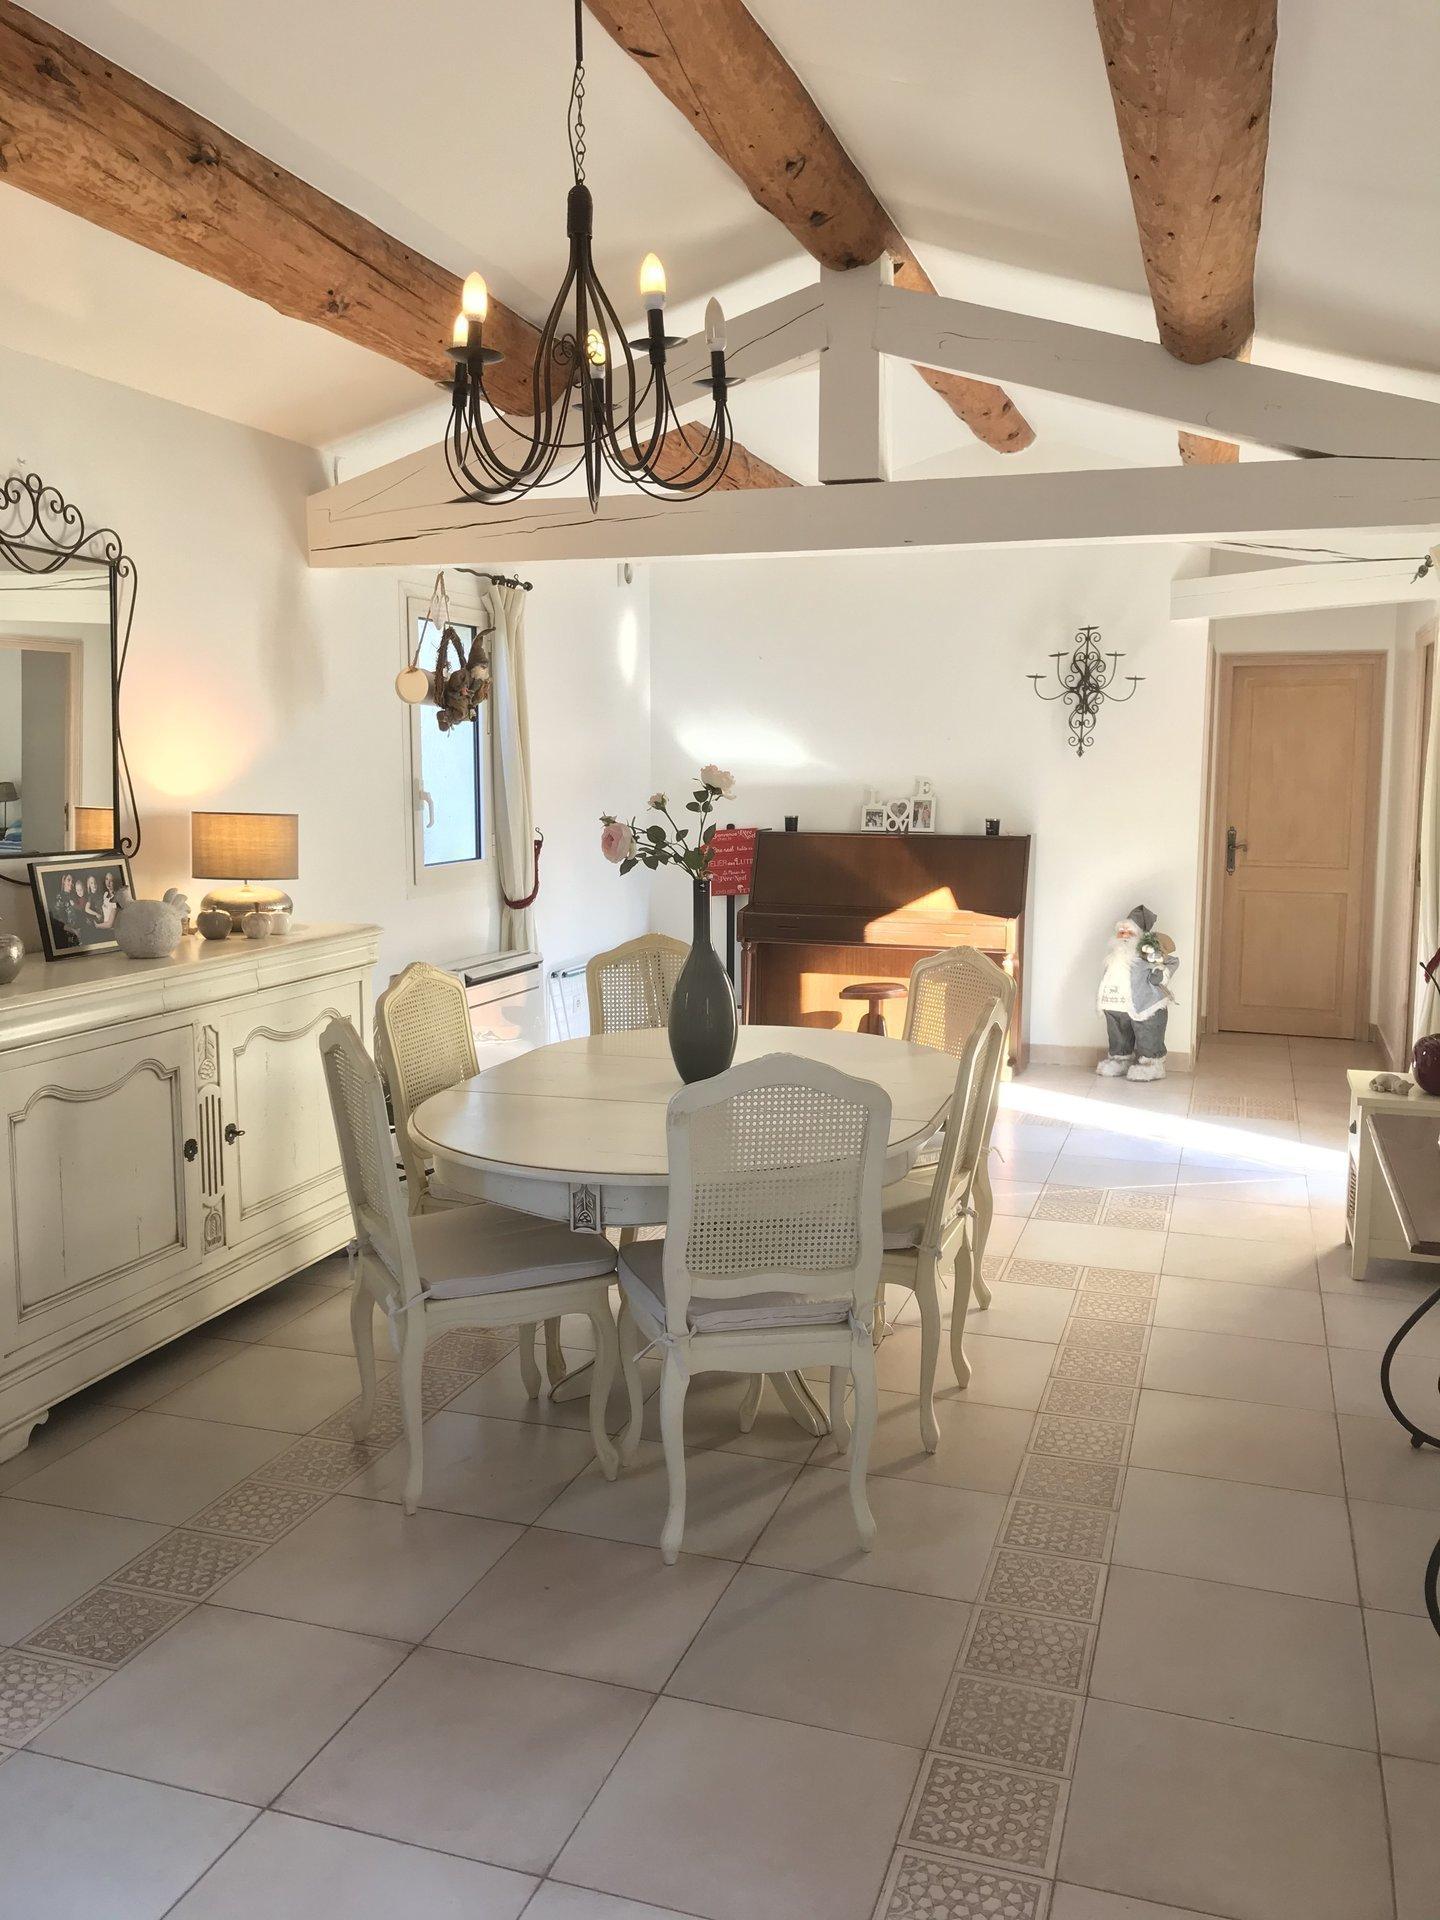 Maison de famille - Chambres d'hôtes - 250 m²